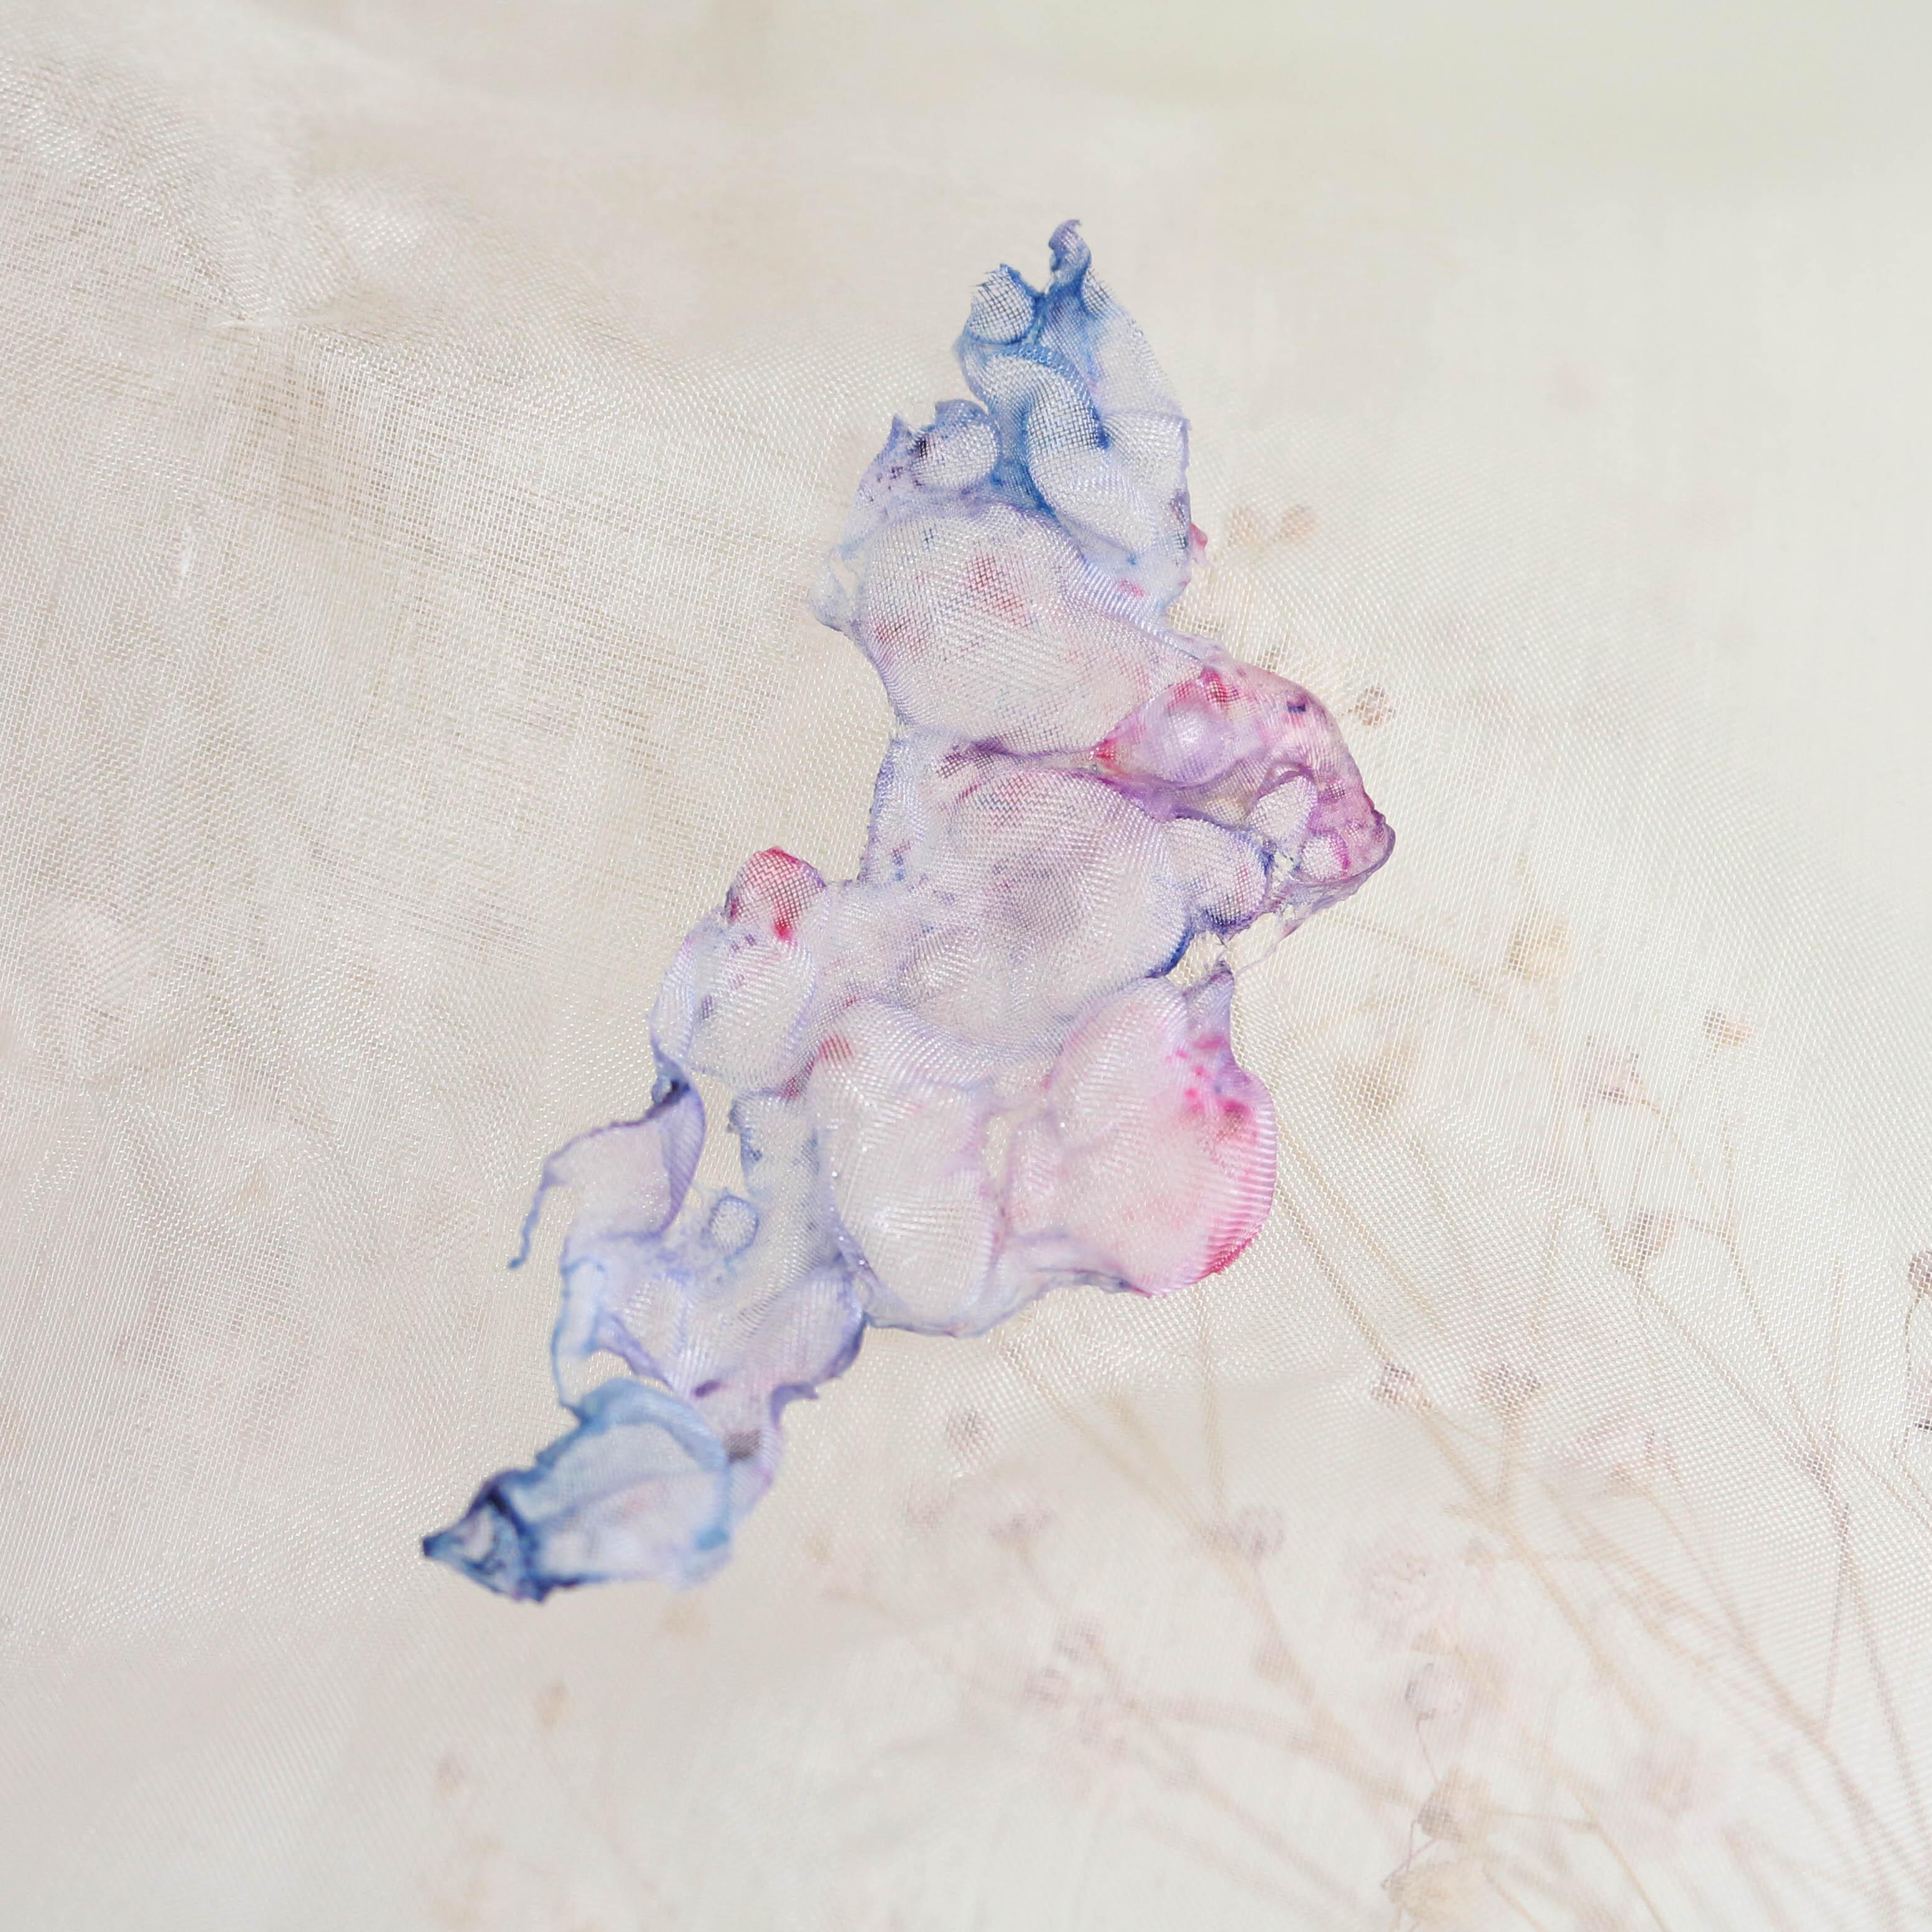 染めオーガンジーのアートピアス|夢色